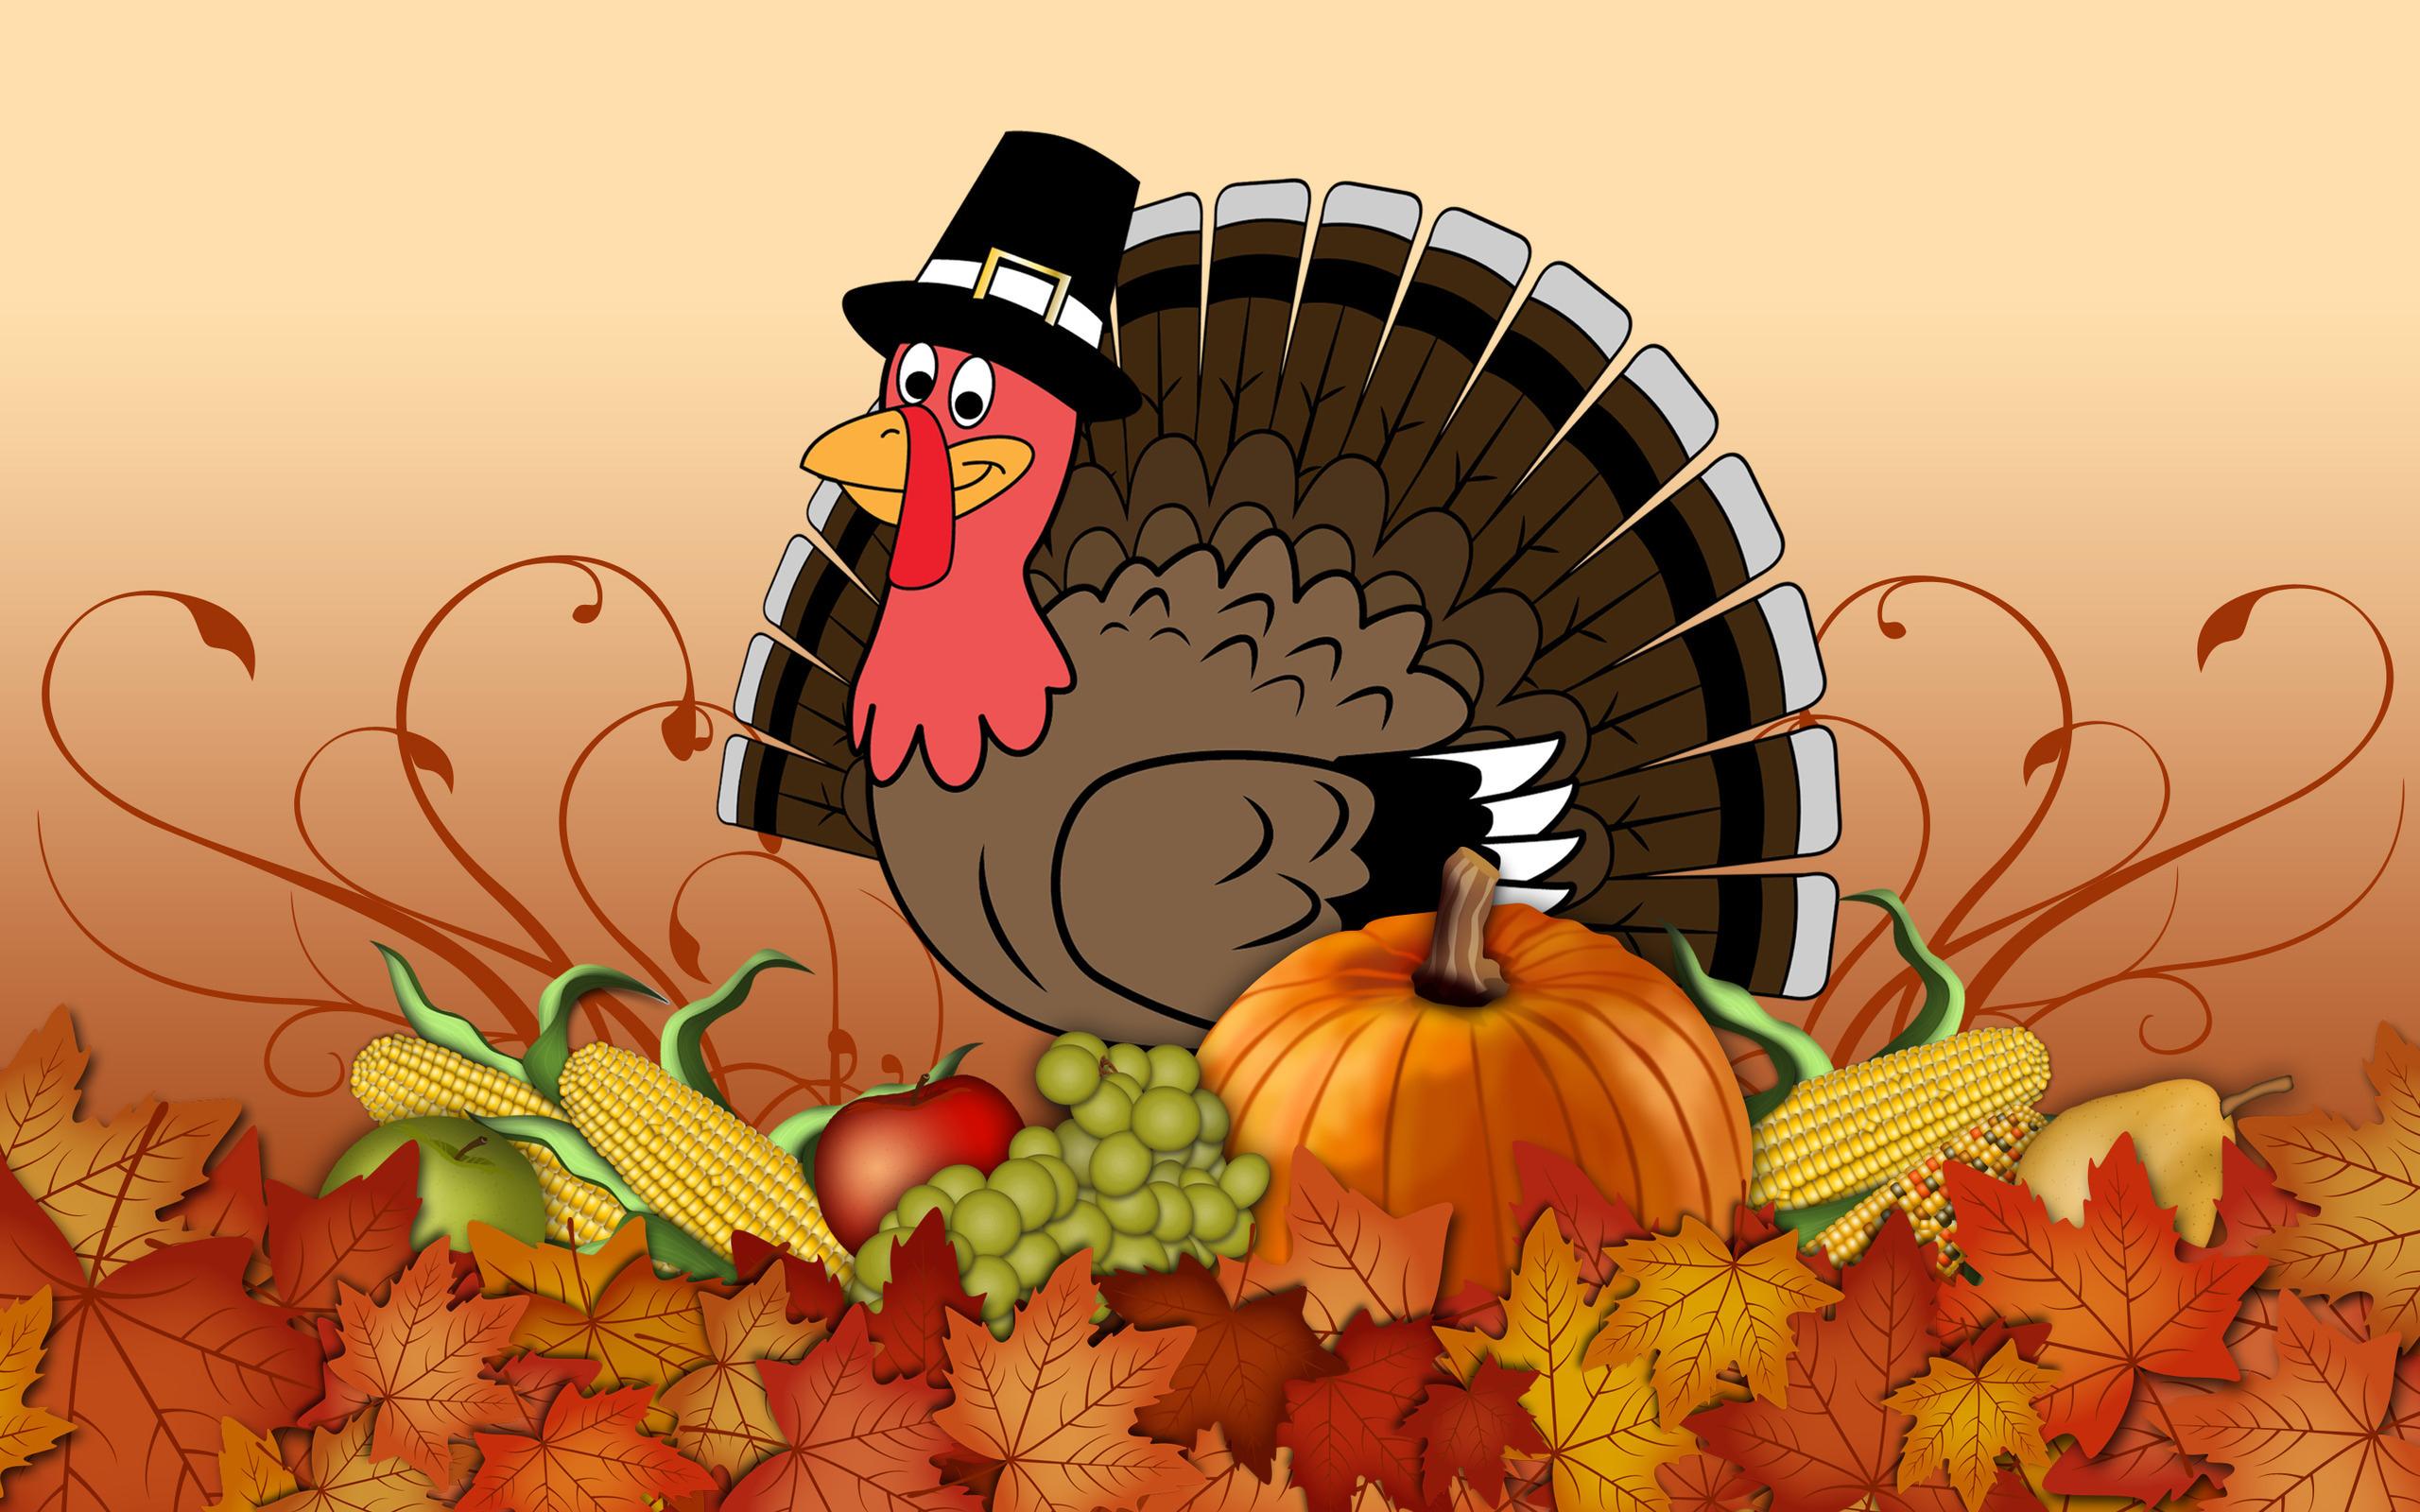 Fantastic Wallpaper High Resolution Thanksgiving - 660779  Snapshot_629793.jpg